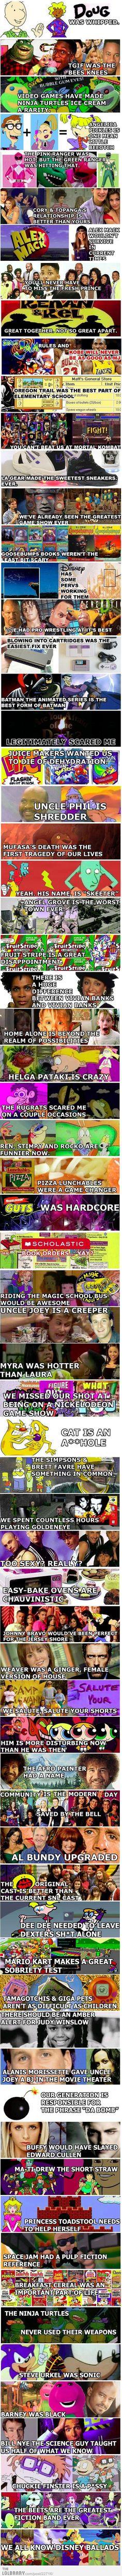 Only True 90s Kids Will Understand